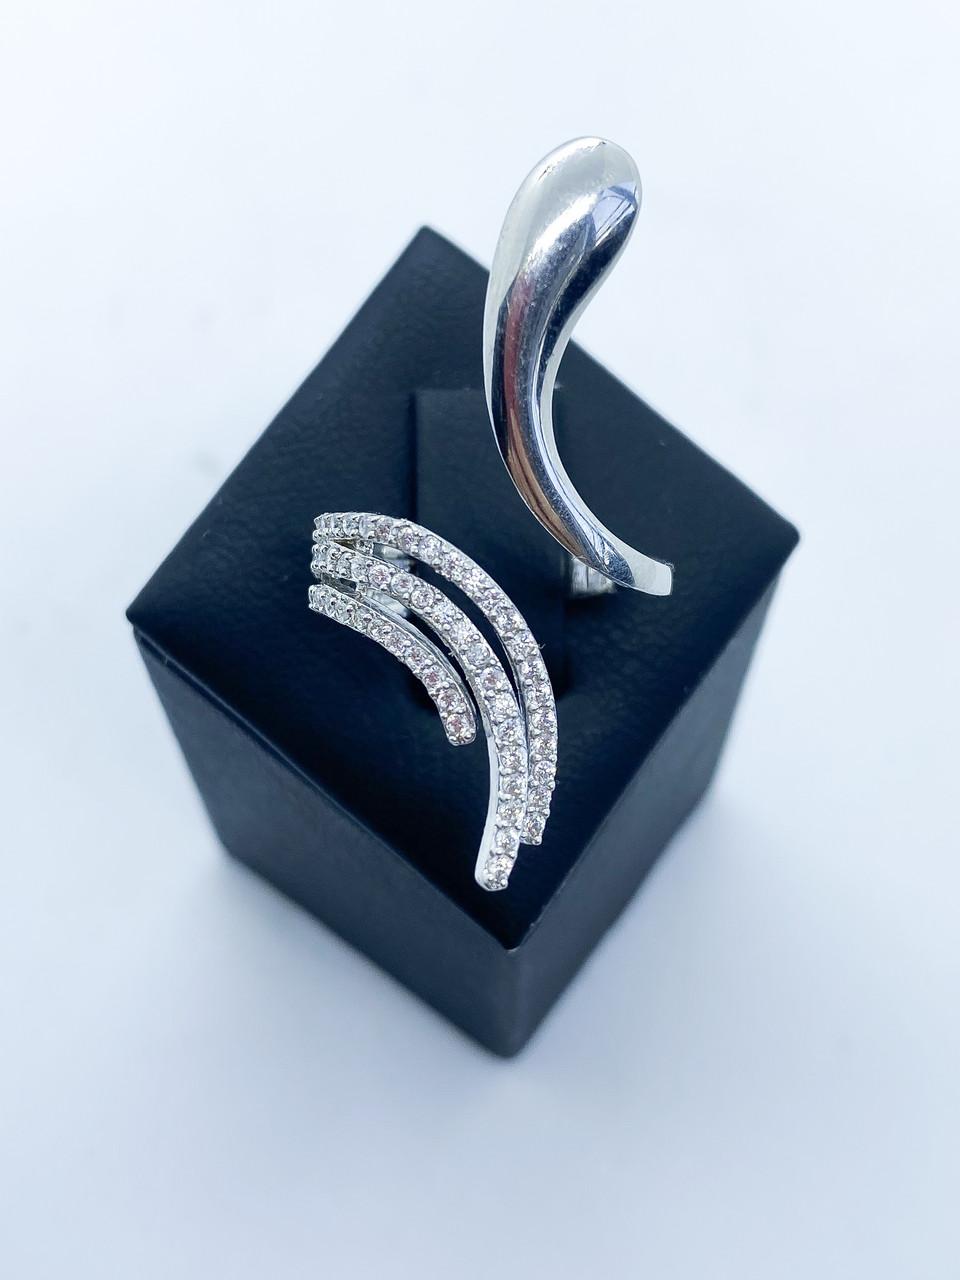 Кольцо из серебра 925 Beauty Bar удлиненная модель  (Размер 16,5-17,5)